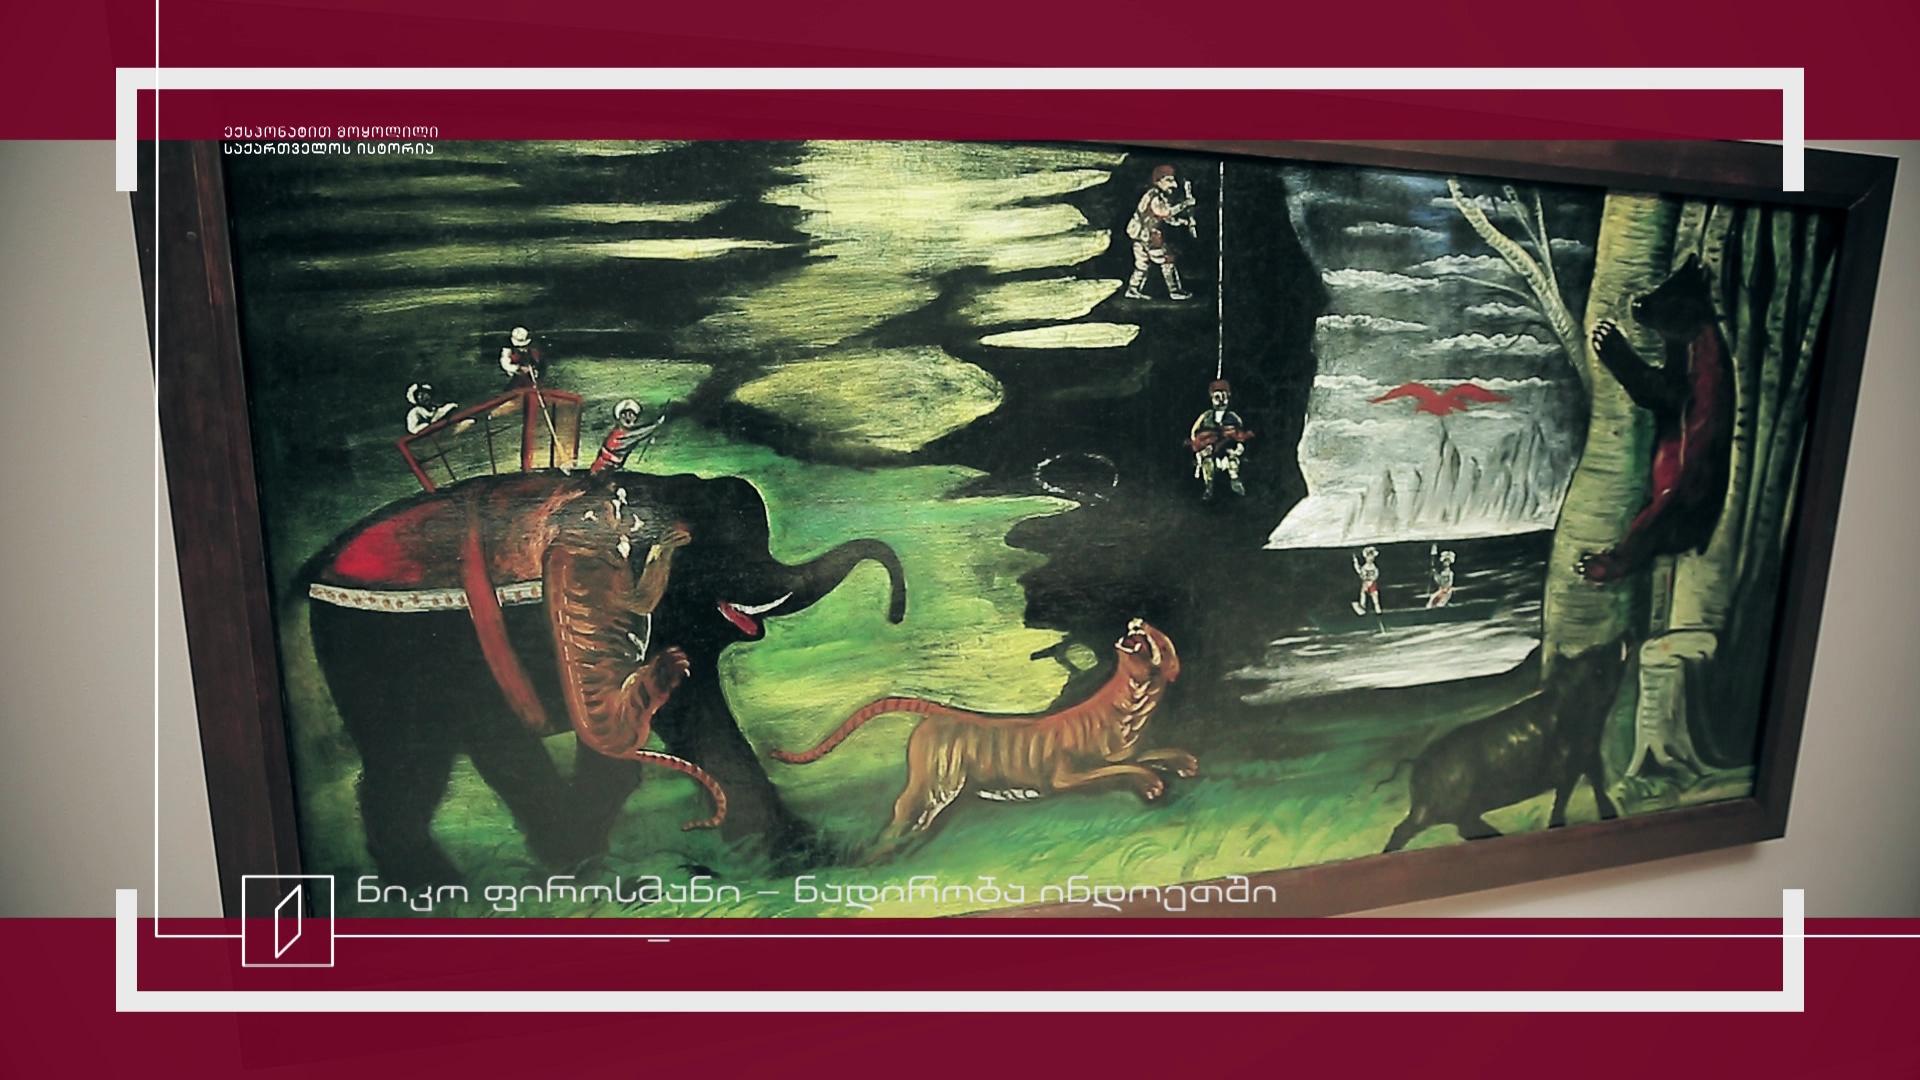 ექსპონატით მოყოლილი საქართველოს ისტორია -ნიკო ფიროსმანაშვილი / ნადირობა ინდოეთში